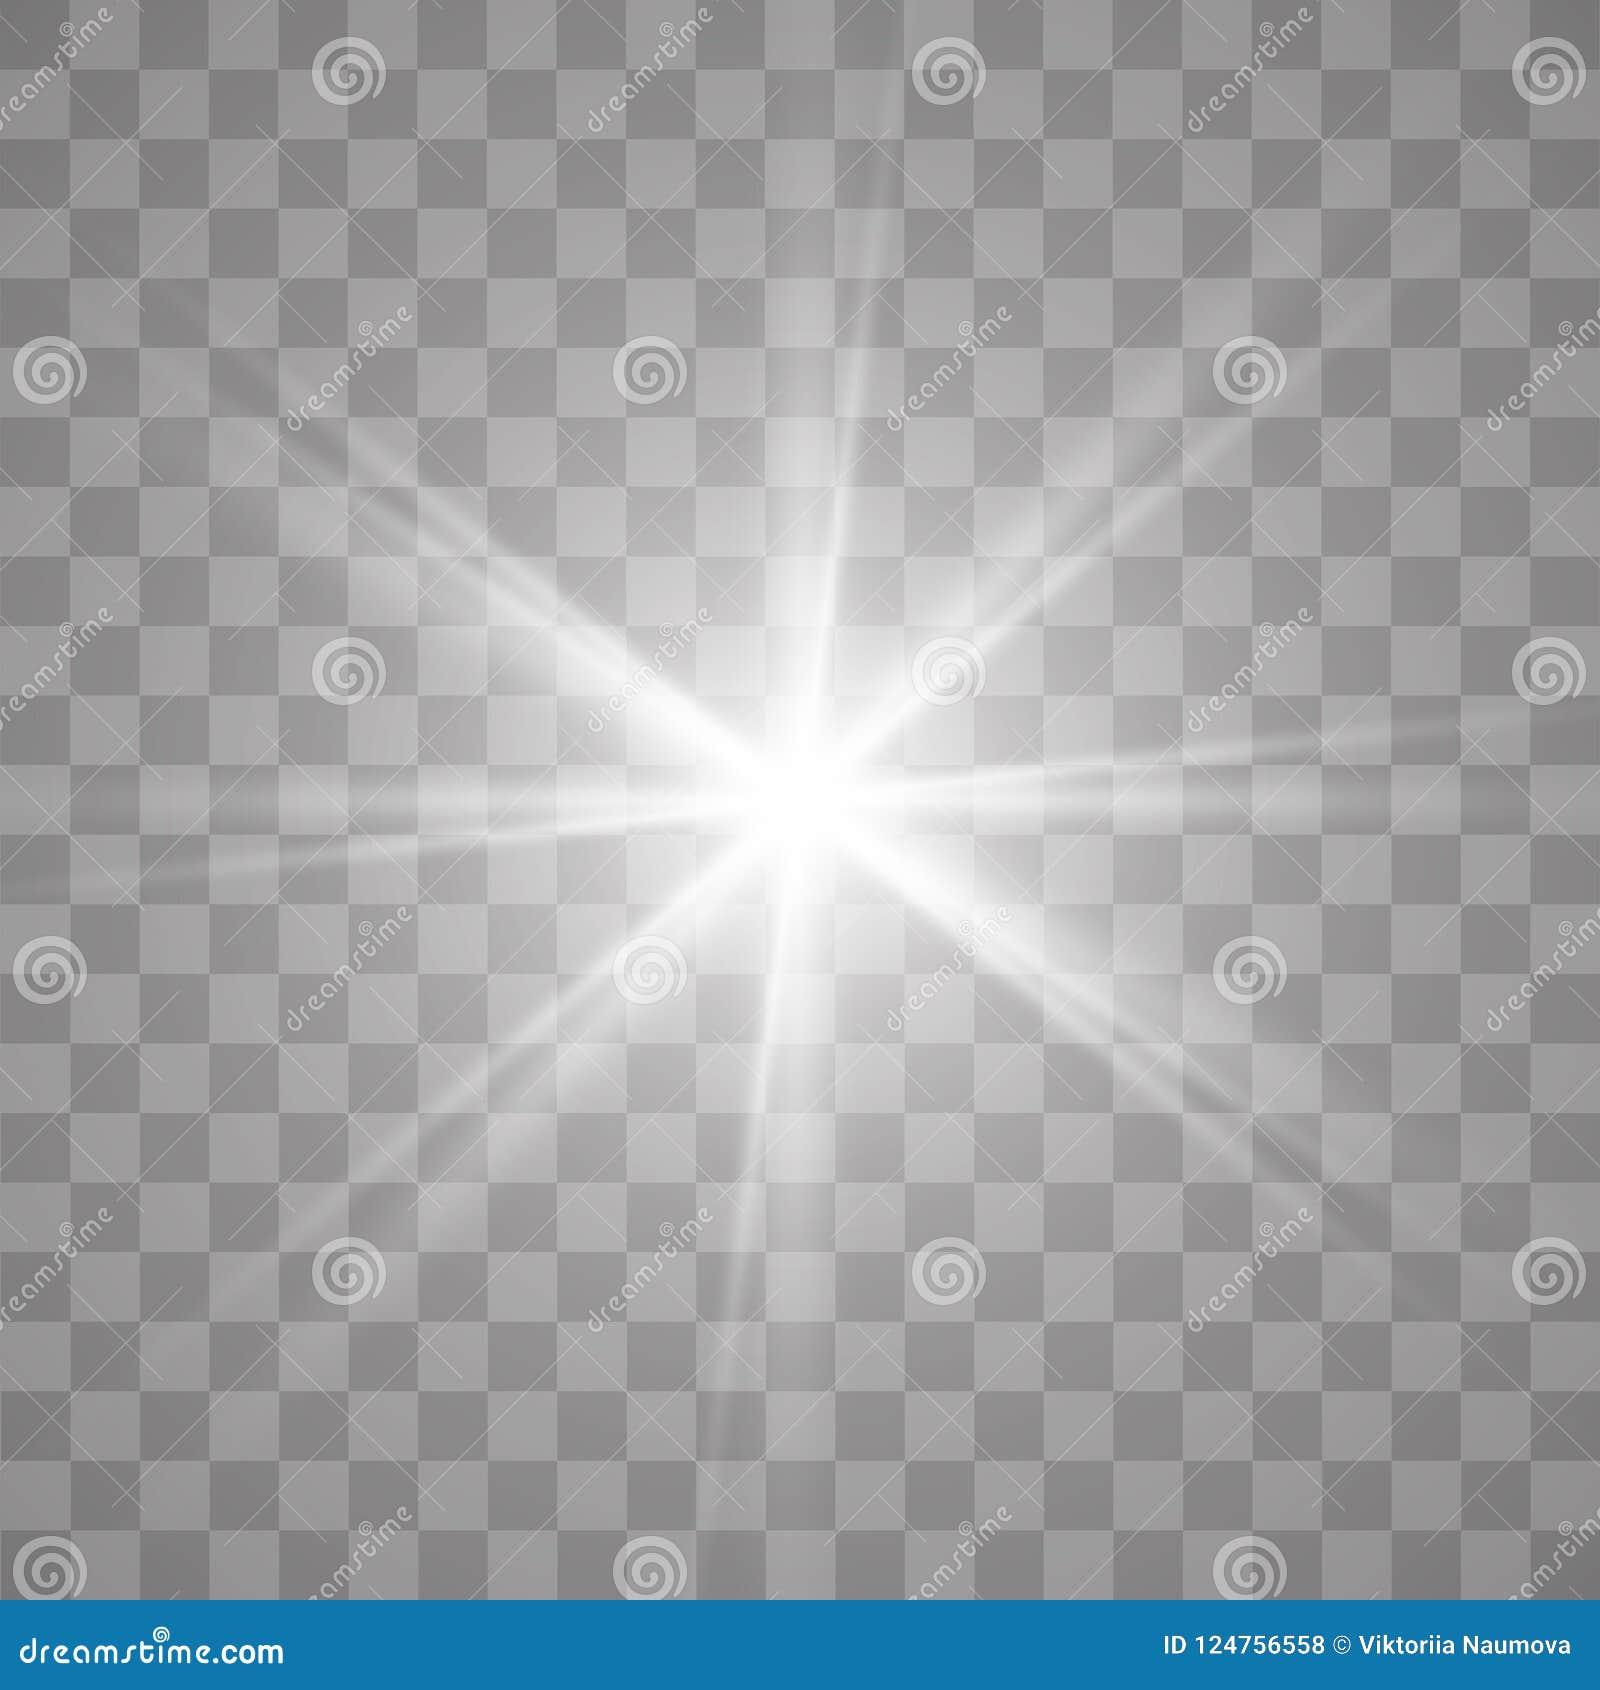 Efecto especial de la flama ligera Ilustración El vector chispea en fondo transparente Efecto especial de la flama ligera